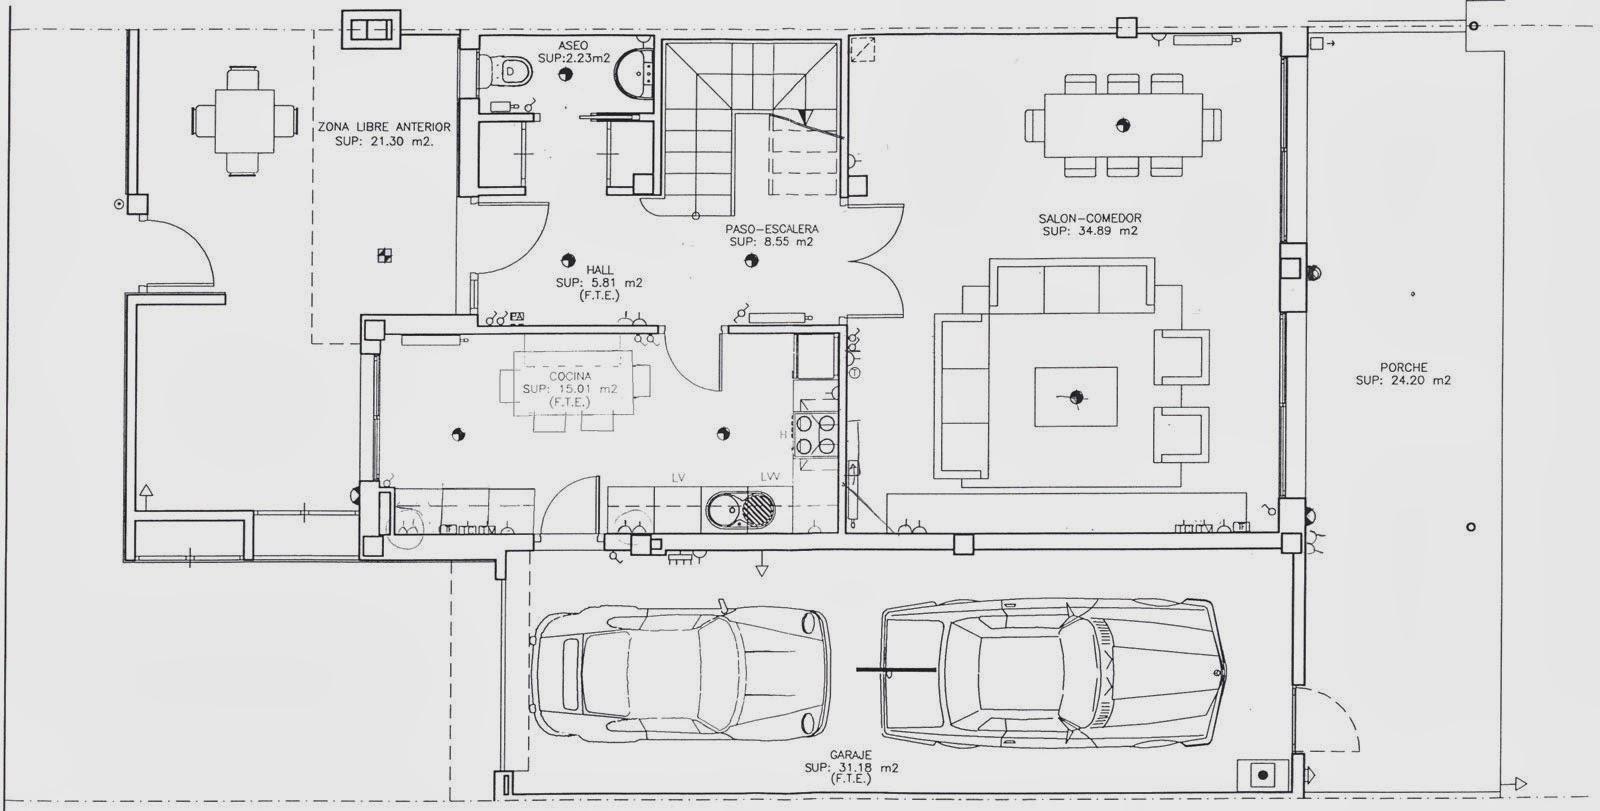 Dibujo Arquitectonico # Muebles Dibujo Arquitectonico